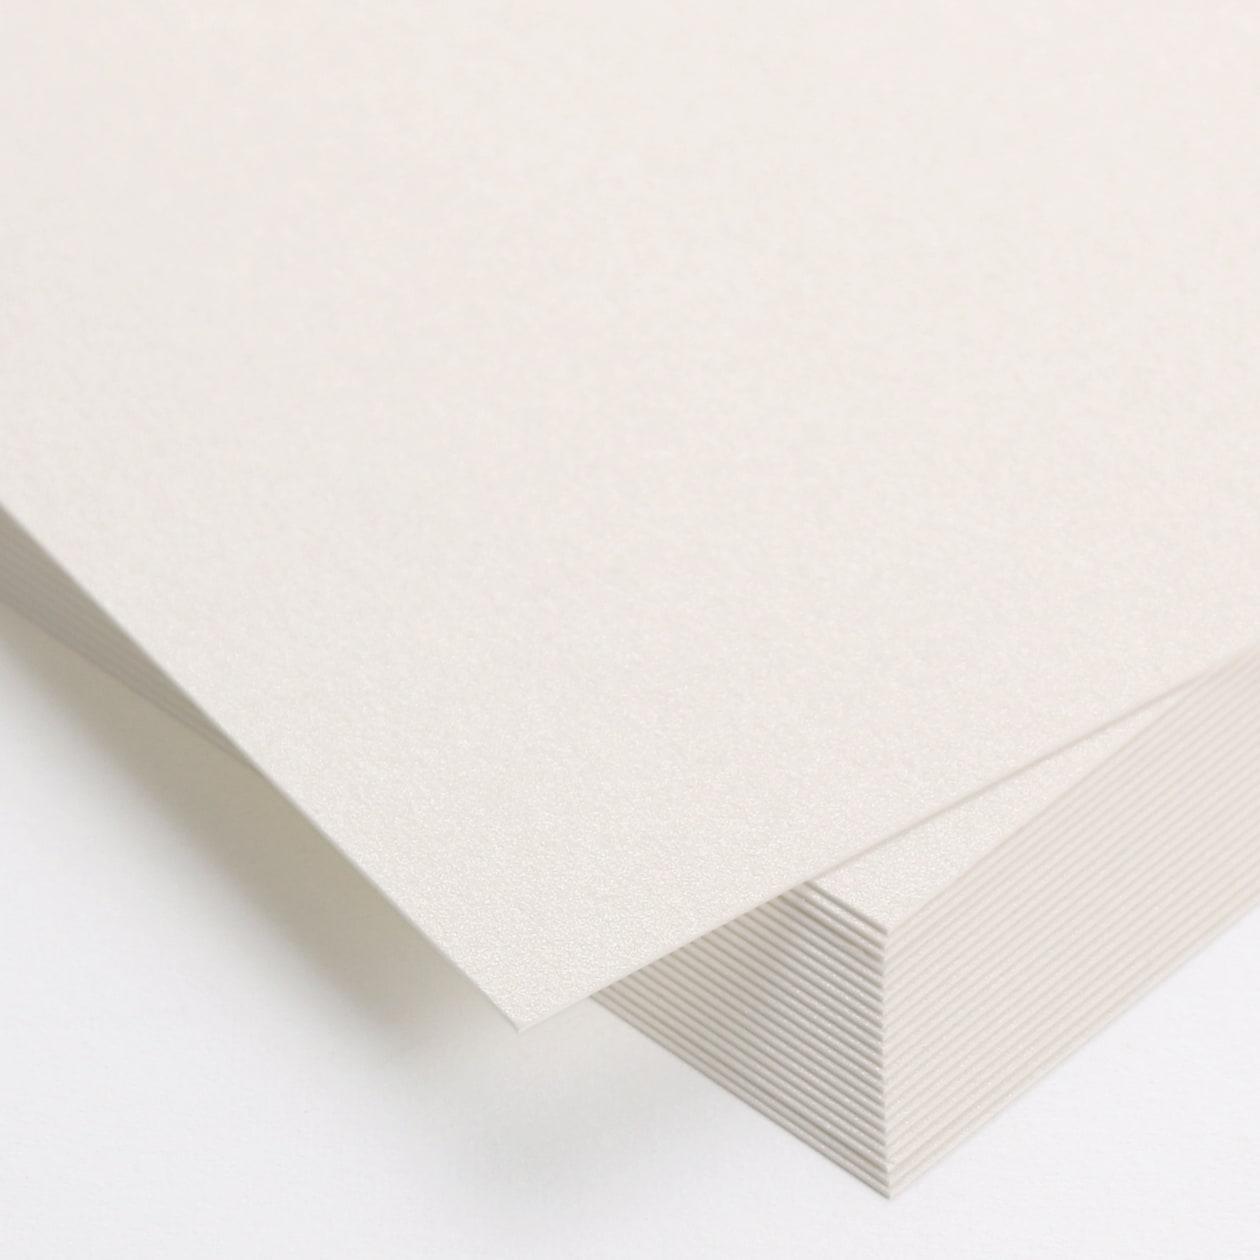 Pカード コットンパール スノーホワイト 241.8g